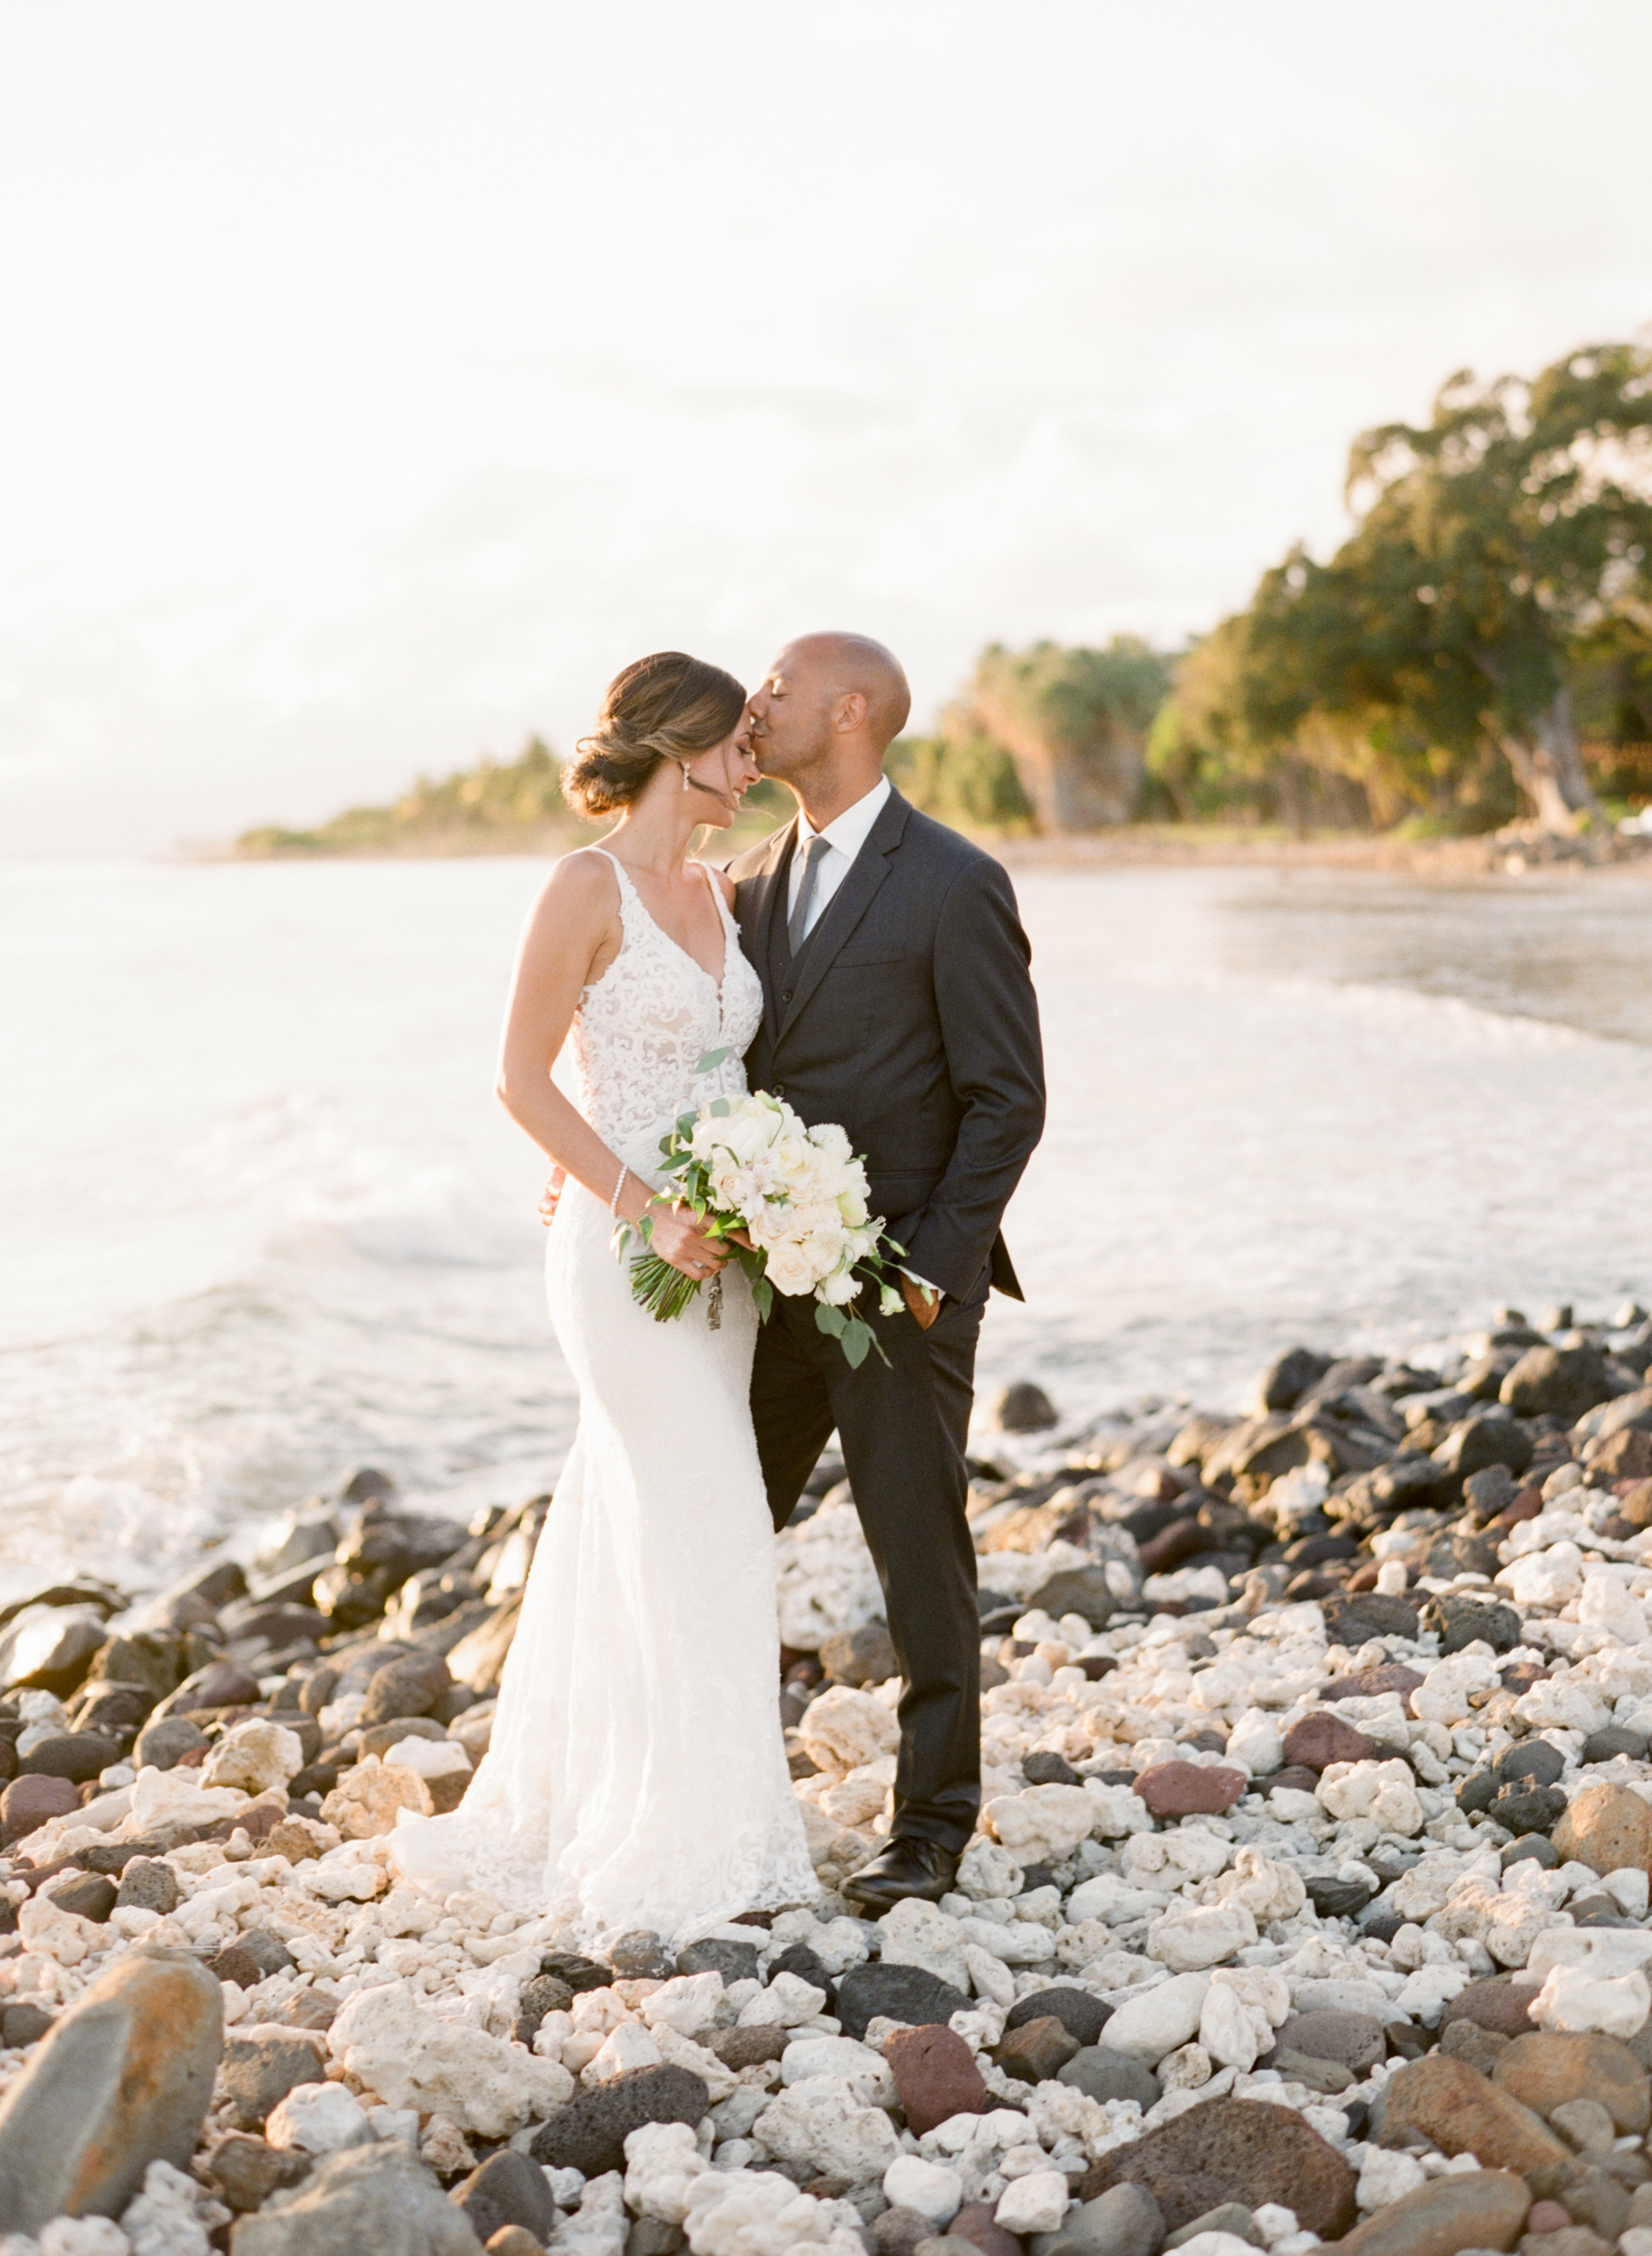 Olowalu-plantation-house-maui-hawaii-wedding-117.jpg